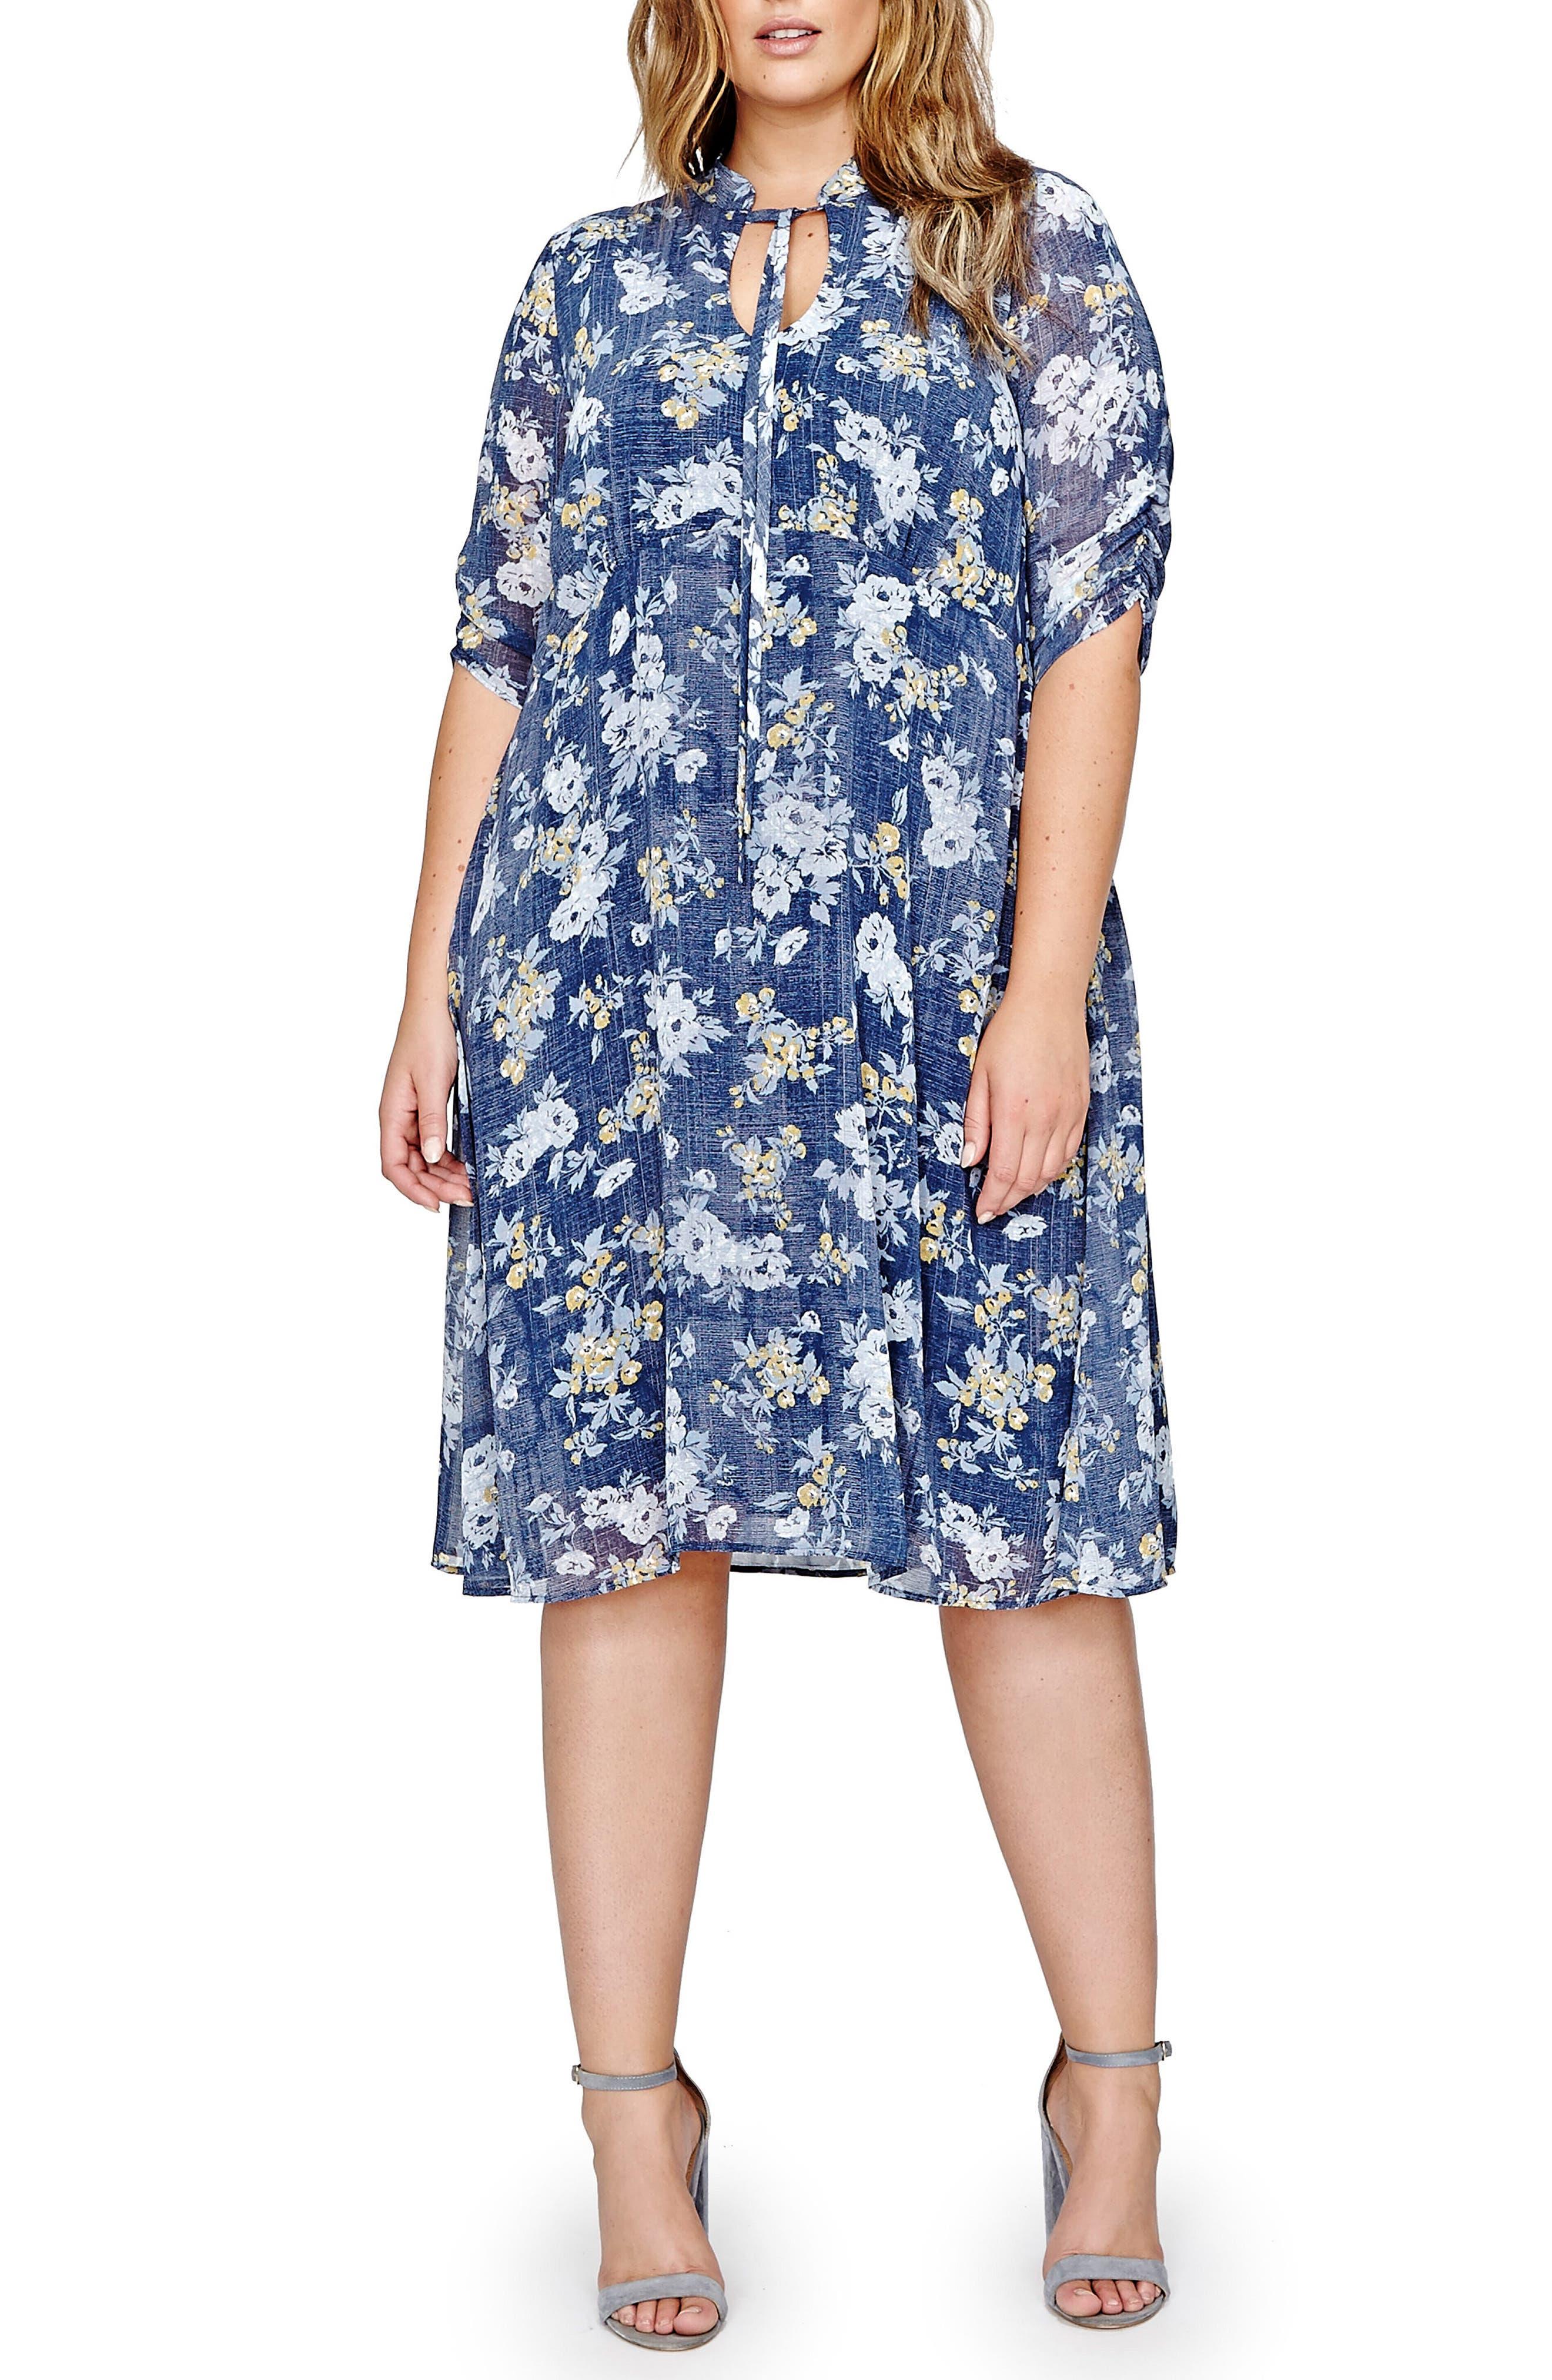 Alternate Image 1 Selected - Michel Studio Tie Neck Floral Shift Dress (Plus Size)